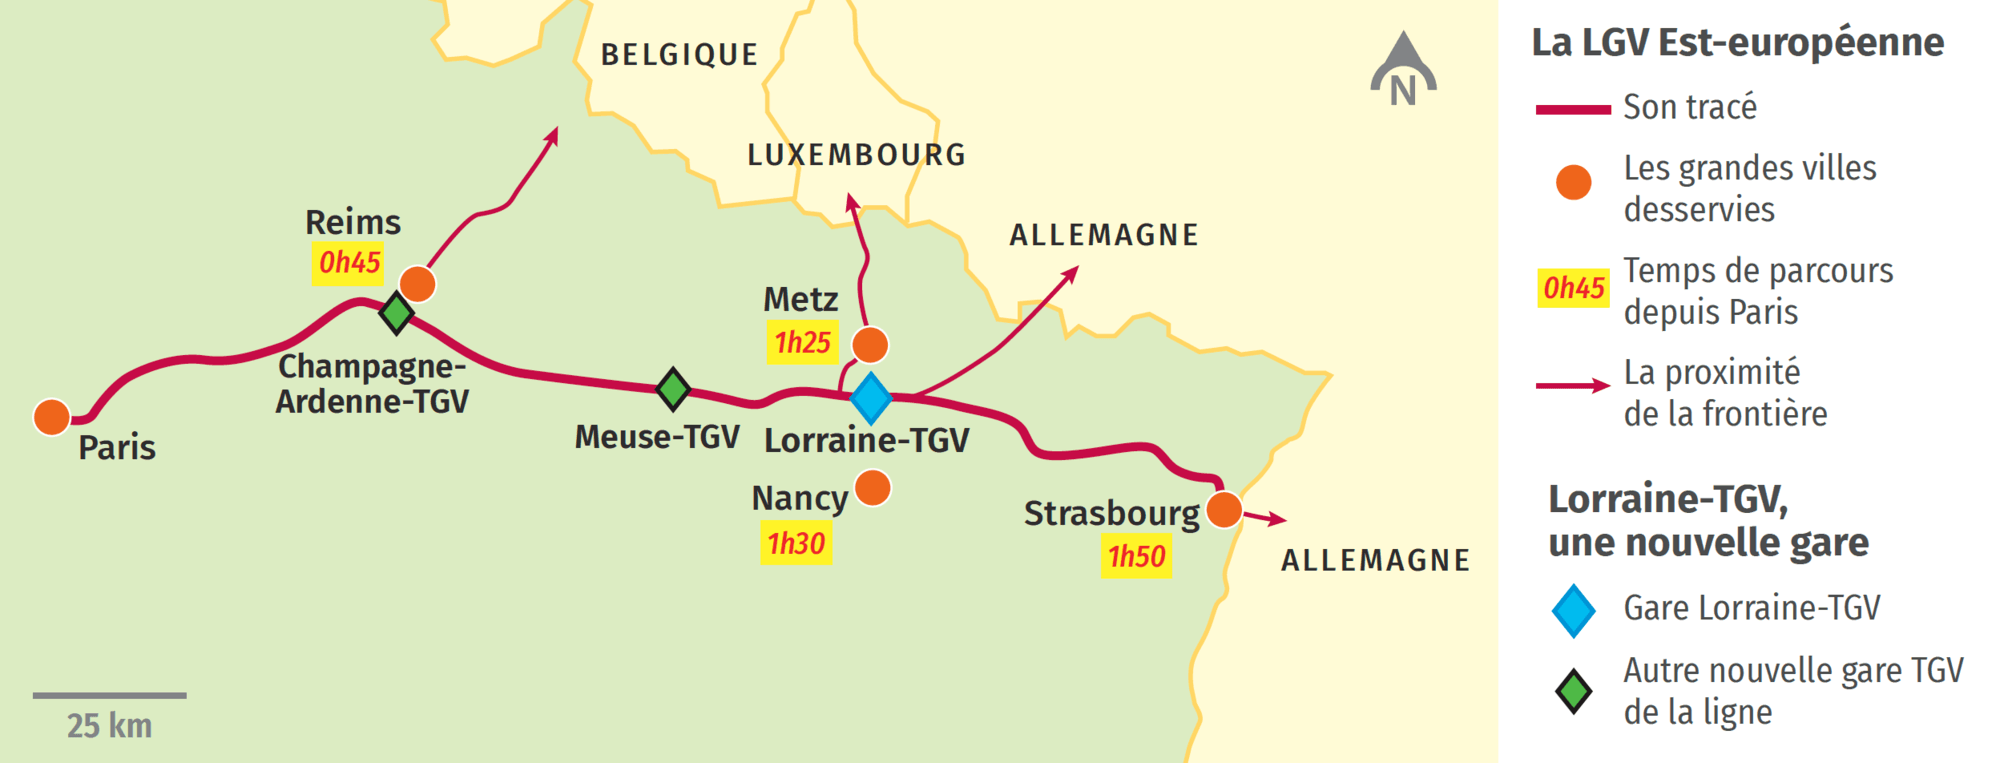 La gare Lorraine-TGV sur la LGV Est-européenne